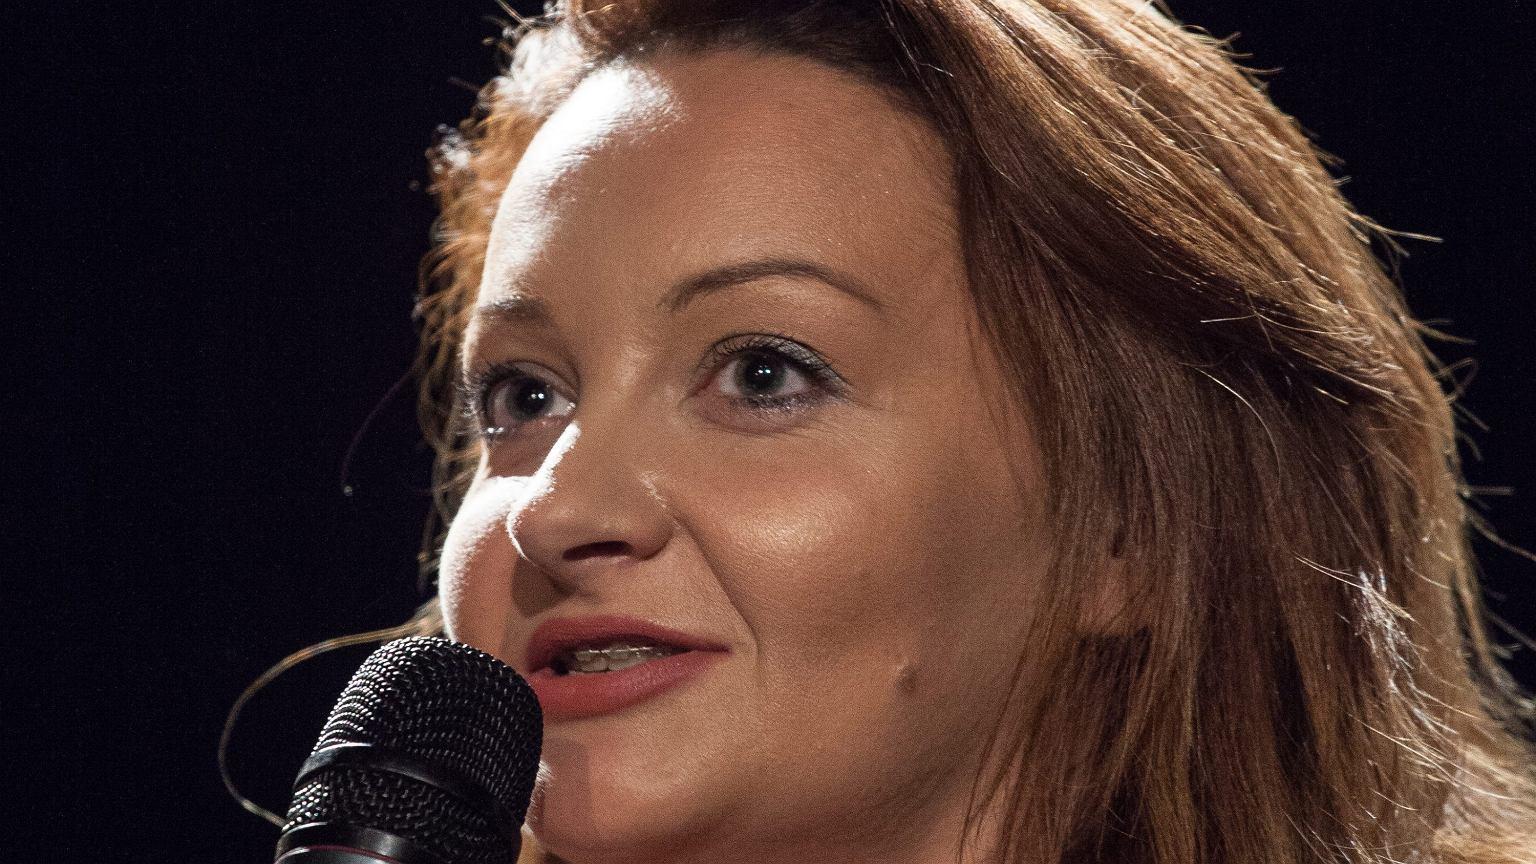 Znana producentka filmowa opowiedziała o ataku gwałciciela. Marta Habior została zaatakowana w windzie.